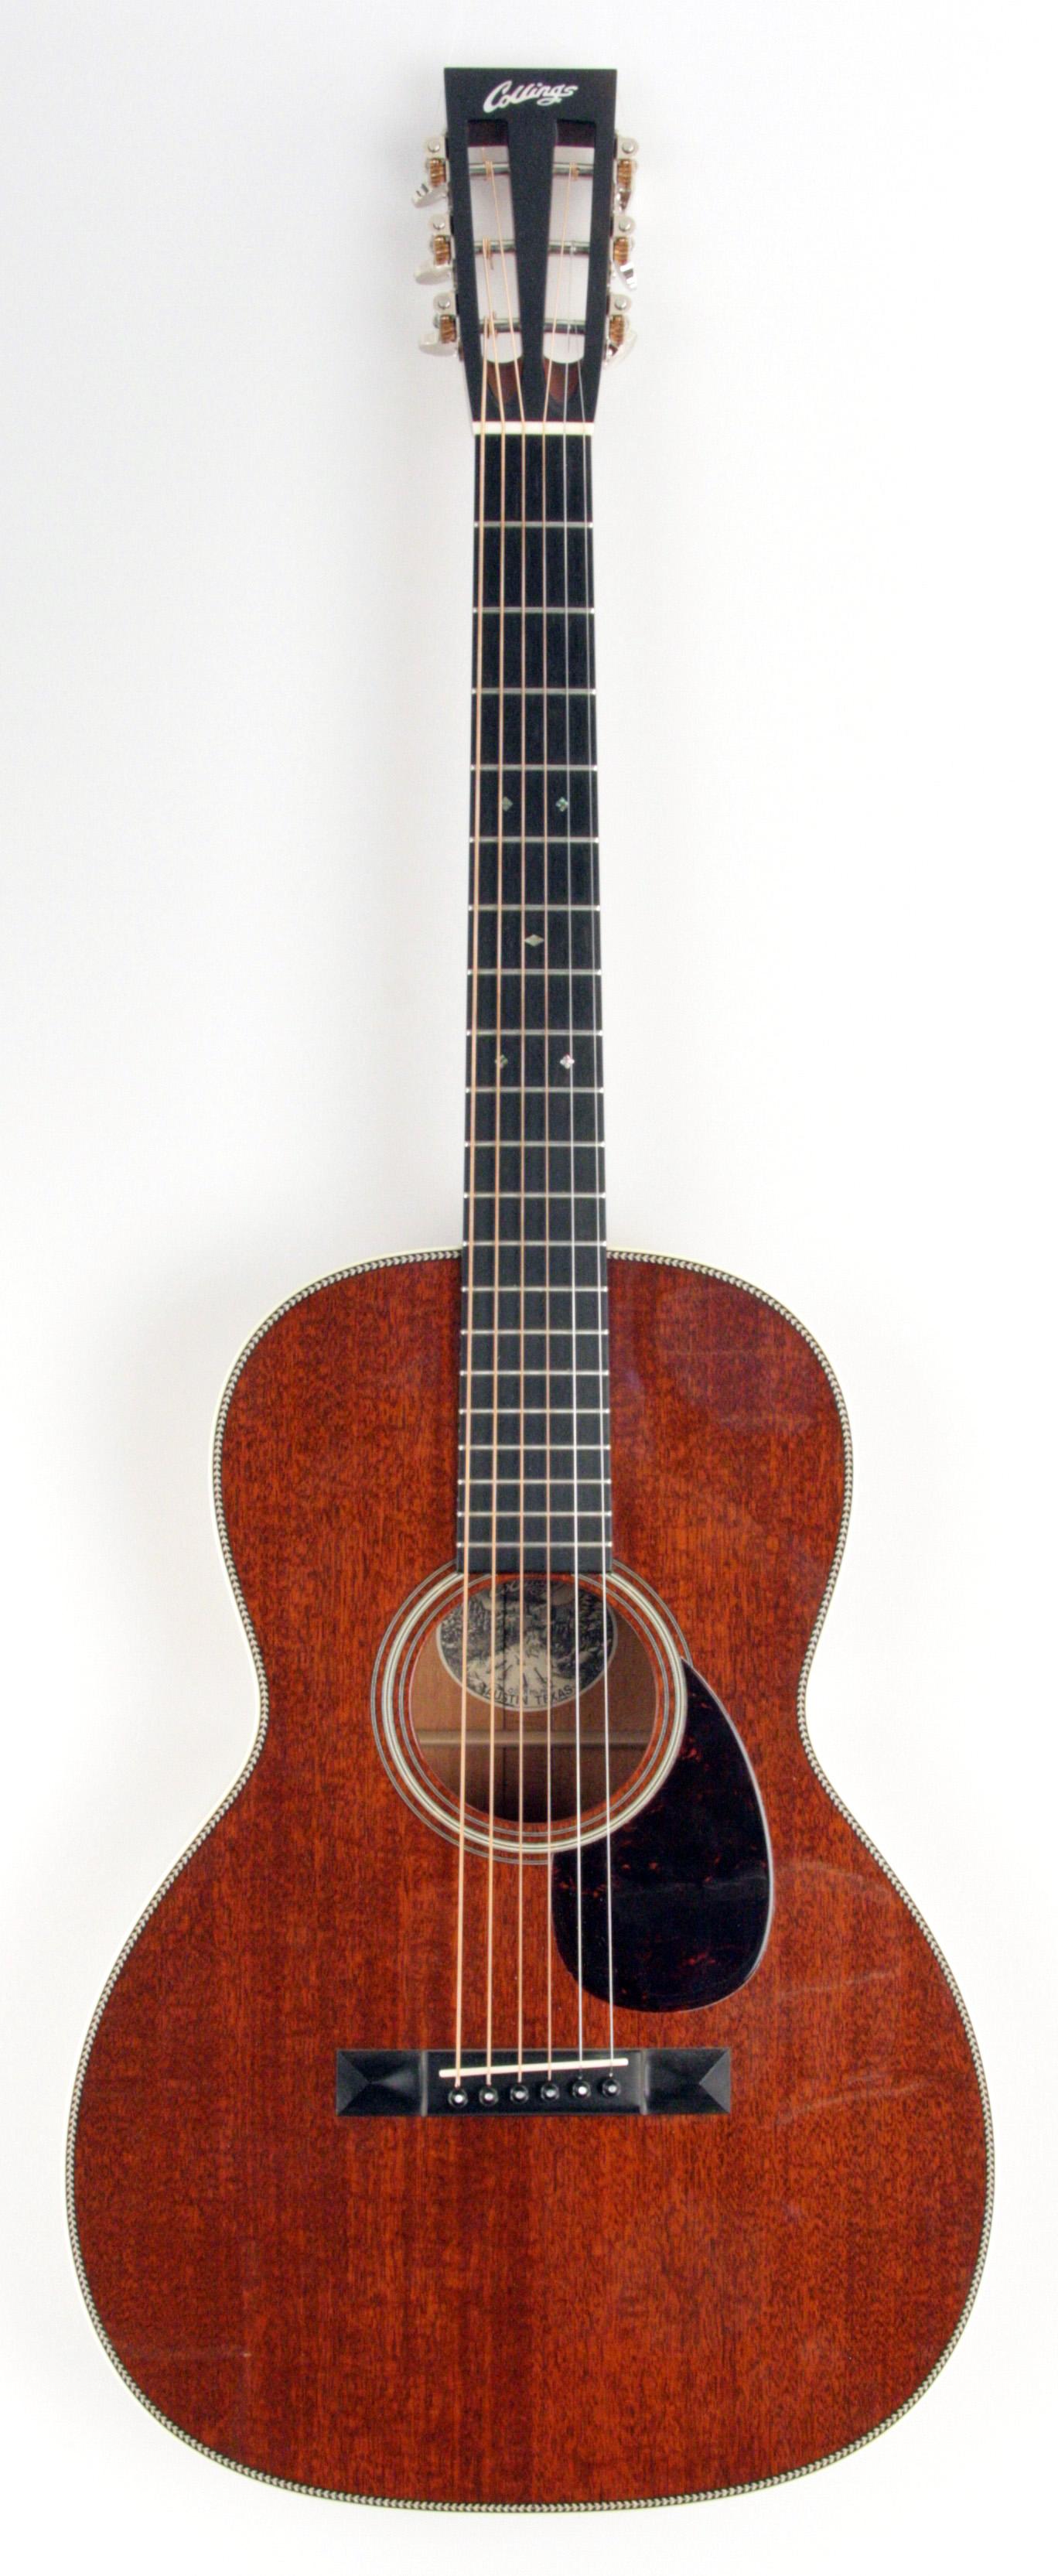 collings 002h 2010 39 s guitar for sale no1 guitarshop. Black Bedroom Furniture Sets. Home Design Ideas